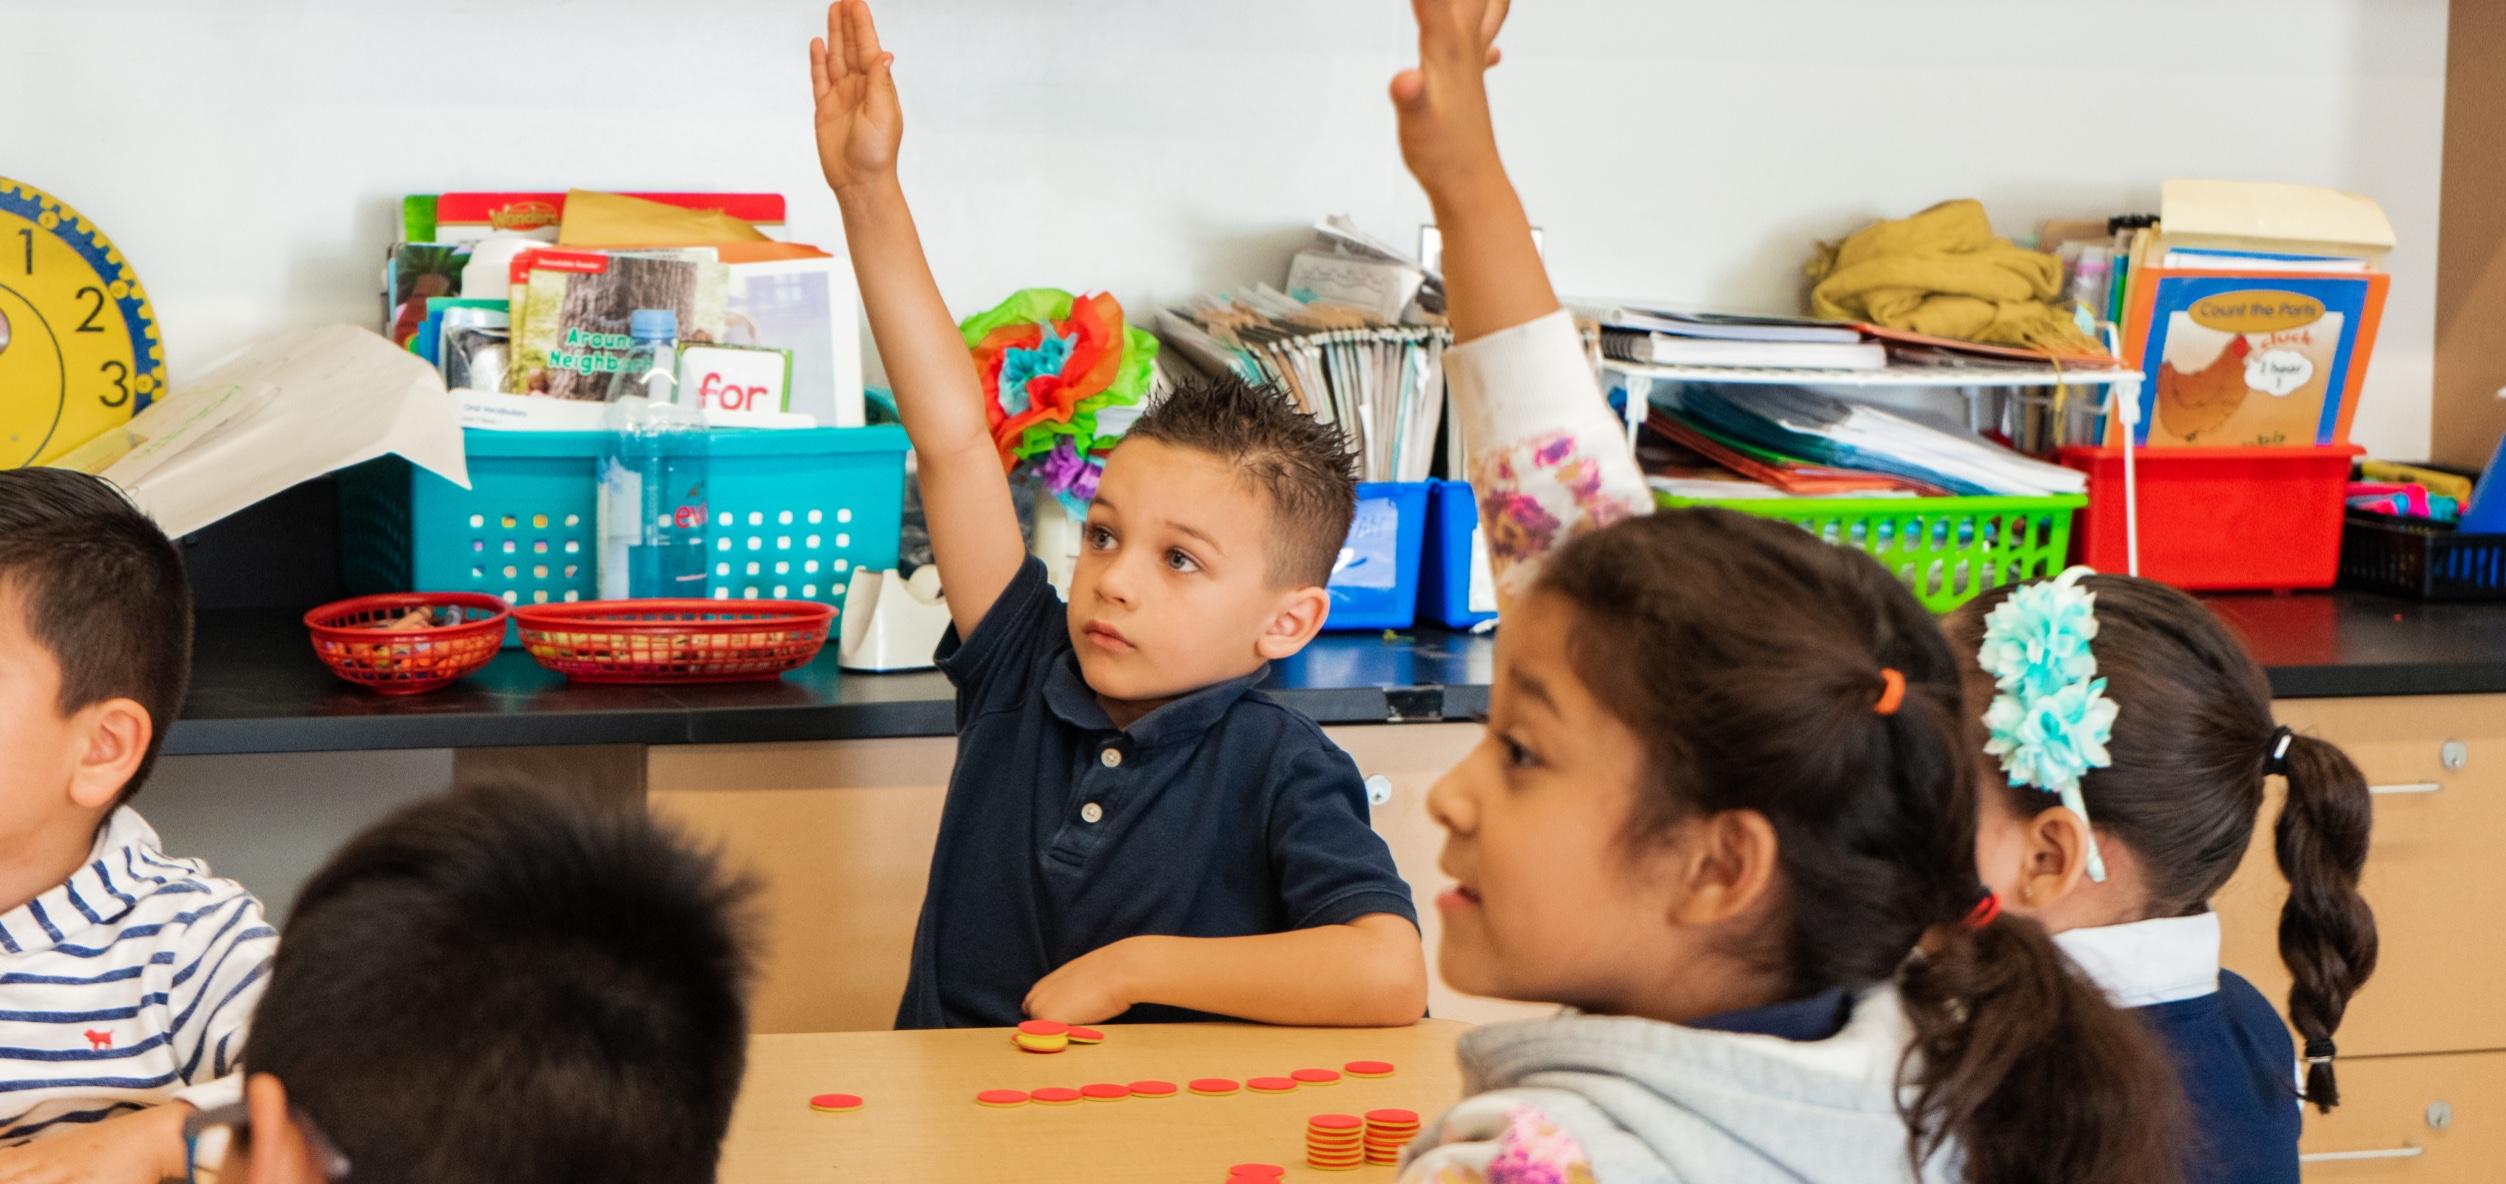 Children raising hand